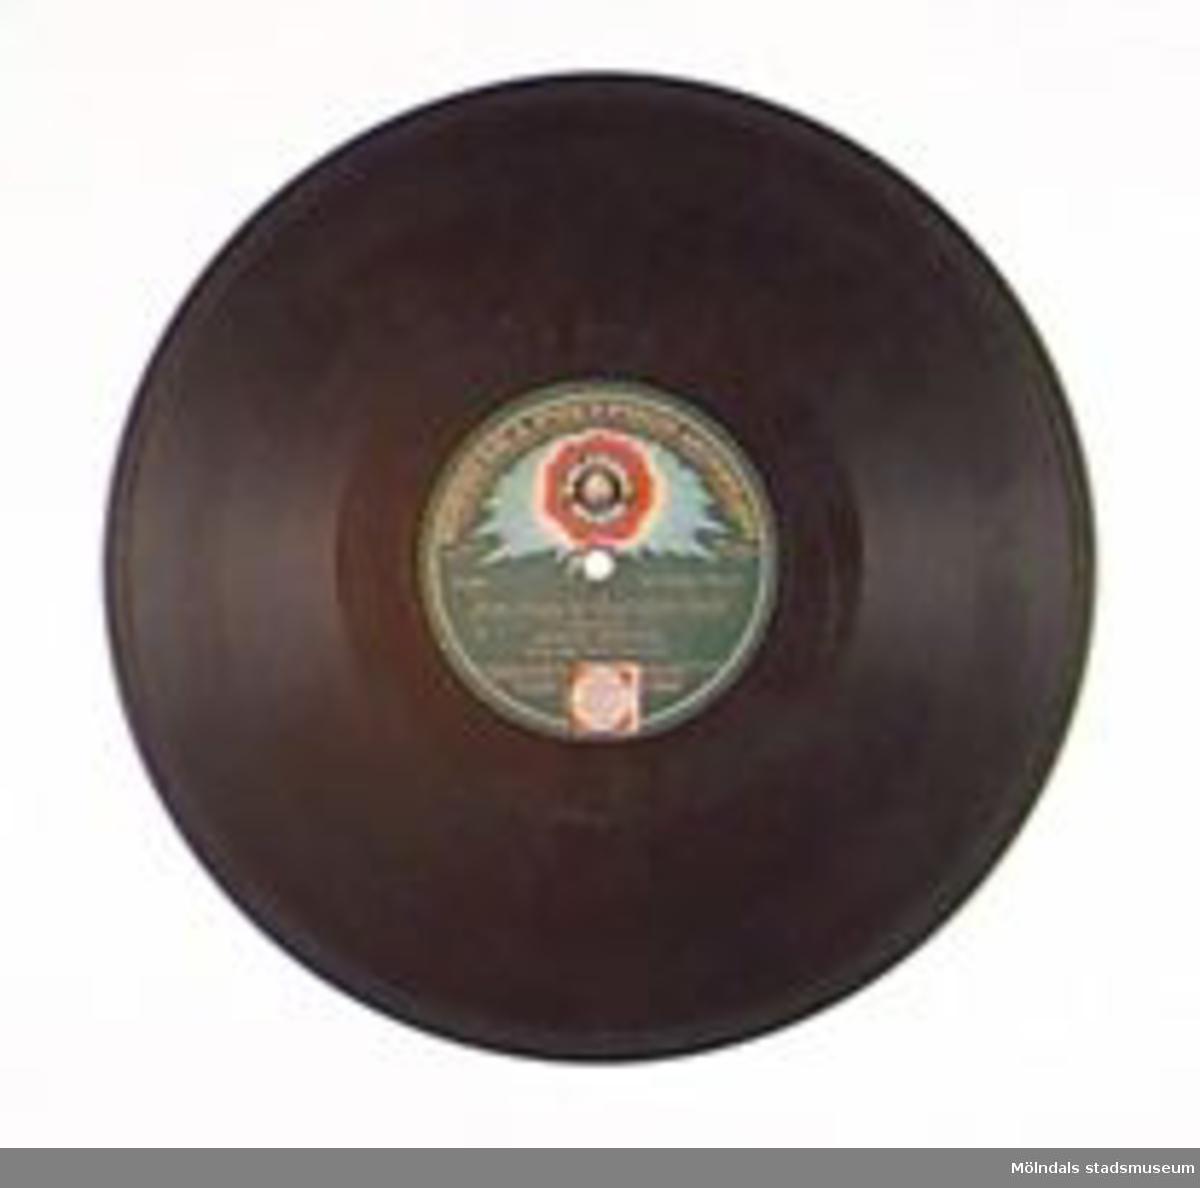 """""""Hammarforsens brus """" (Brännlund) Vals spelad av """"Stjärntrion""""""""Från Frisco till Cap"""" (Ernst Rolf) Sjömansvals spelad av  """"Stjärntrion"""" (Ernst Rolfs Musikförlags A/B). Märkt """"S49049R S49050 1434 at 1436 at Made in Germany.Repad.Förvaras i MM01476 (skivalbum).Denna grammofonskiva som också kallades för stenkaka, tillverkades av konstharts (plast gjord på kåda) och skiffermjöl (eller annat fyllnadsmjöl)."""